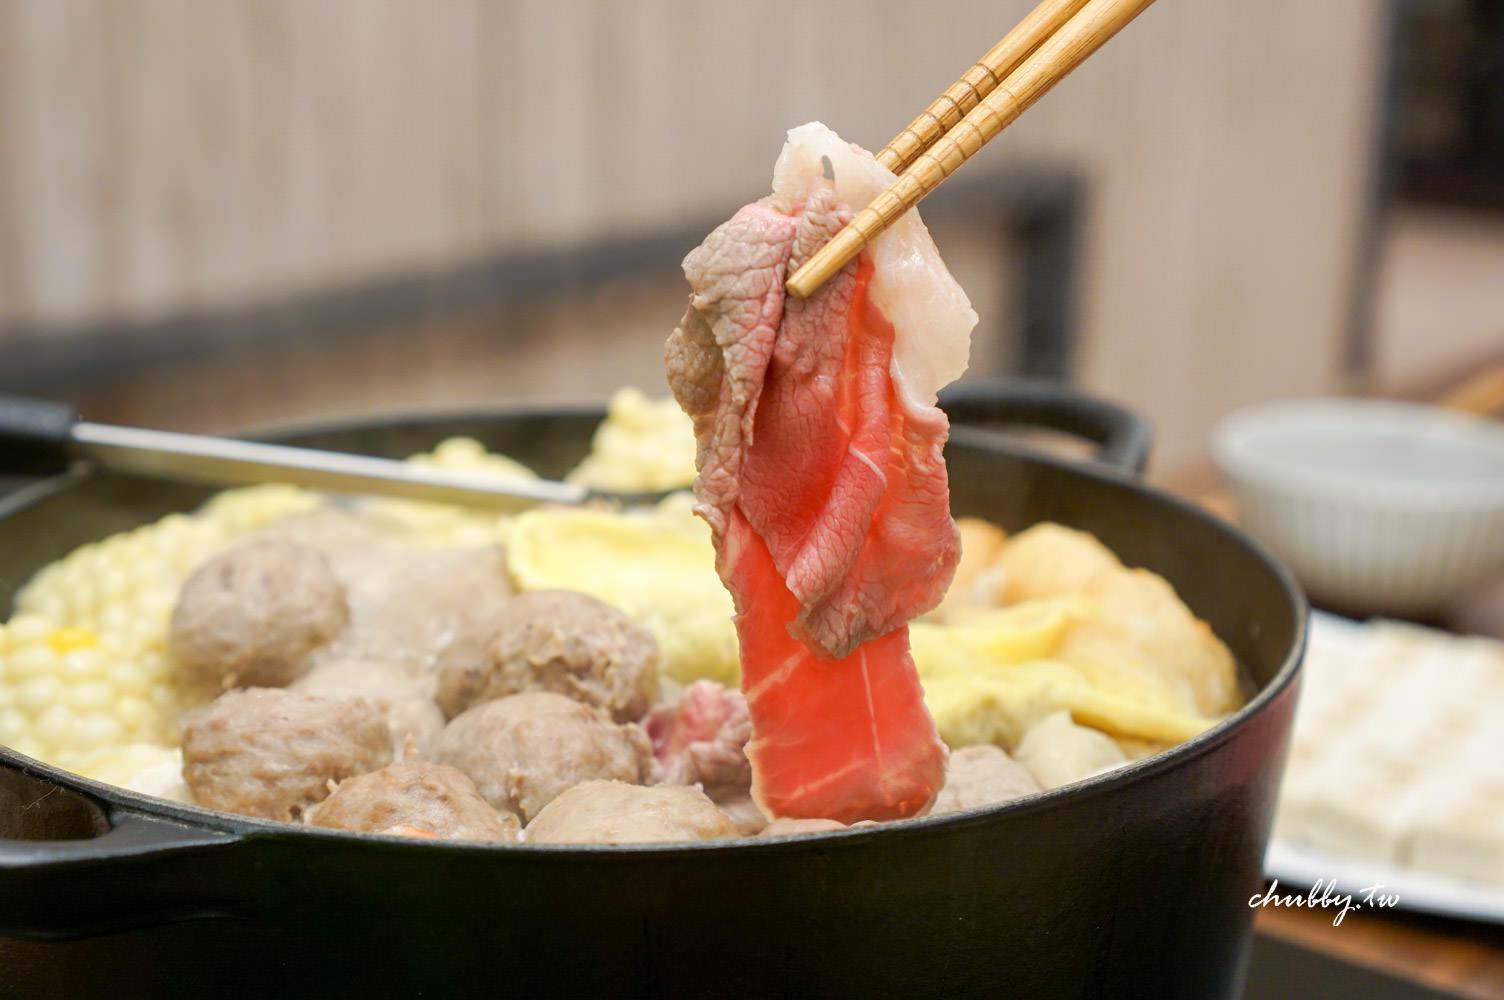 石二鍋大份量外帶實戰心得|多到吃不完的驚人彭湃量!跨年圍爐就這麼辦!